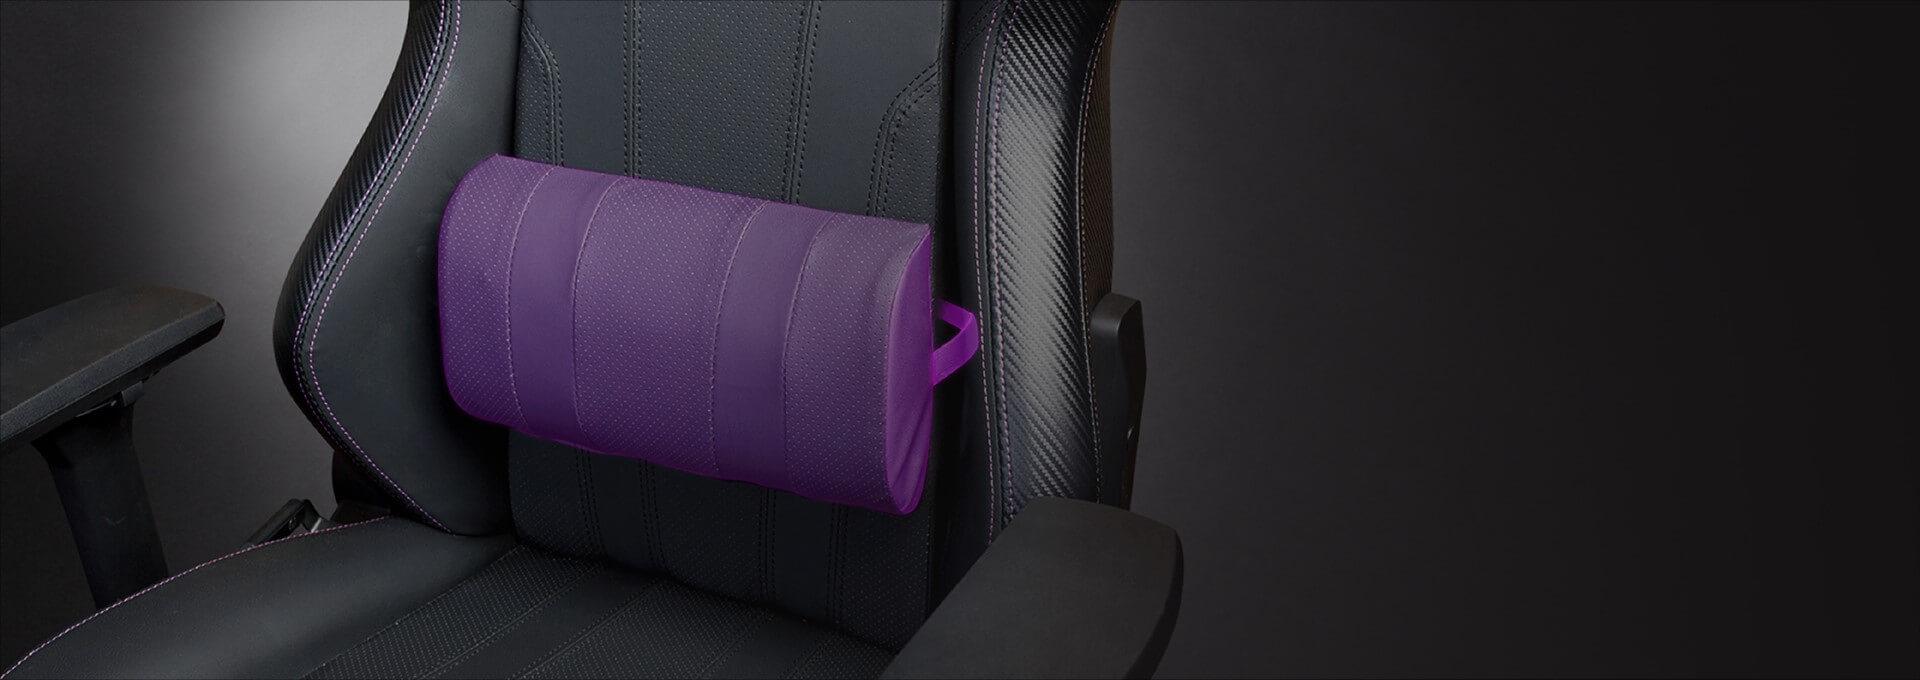 Phần đệm và gối của Ghế Gamer CoolerMaster Caliber X1 (CMI-GCX1-2019) có nhiều lỗ thoát khí tránh thích tụ nhiệt